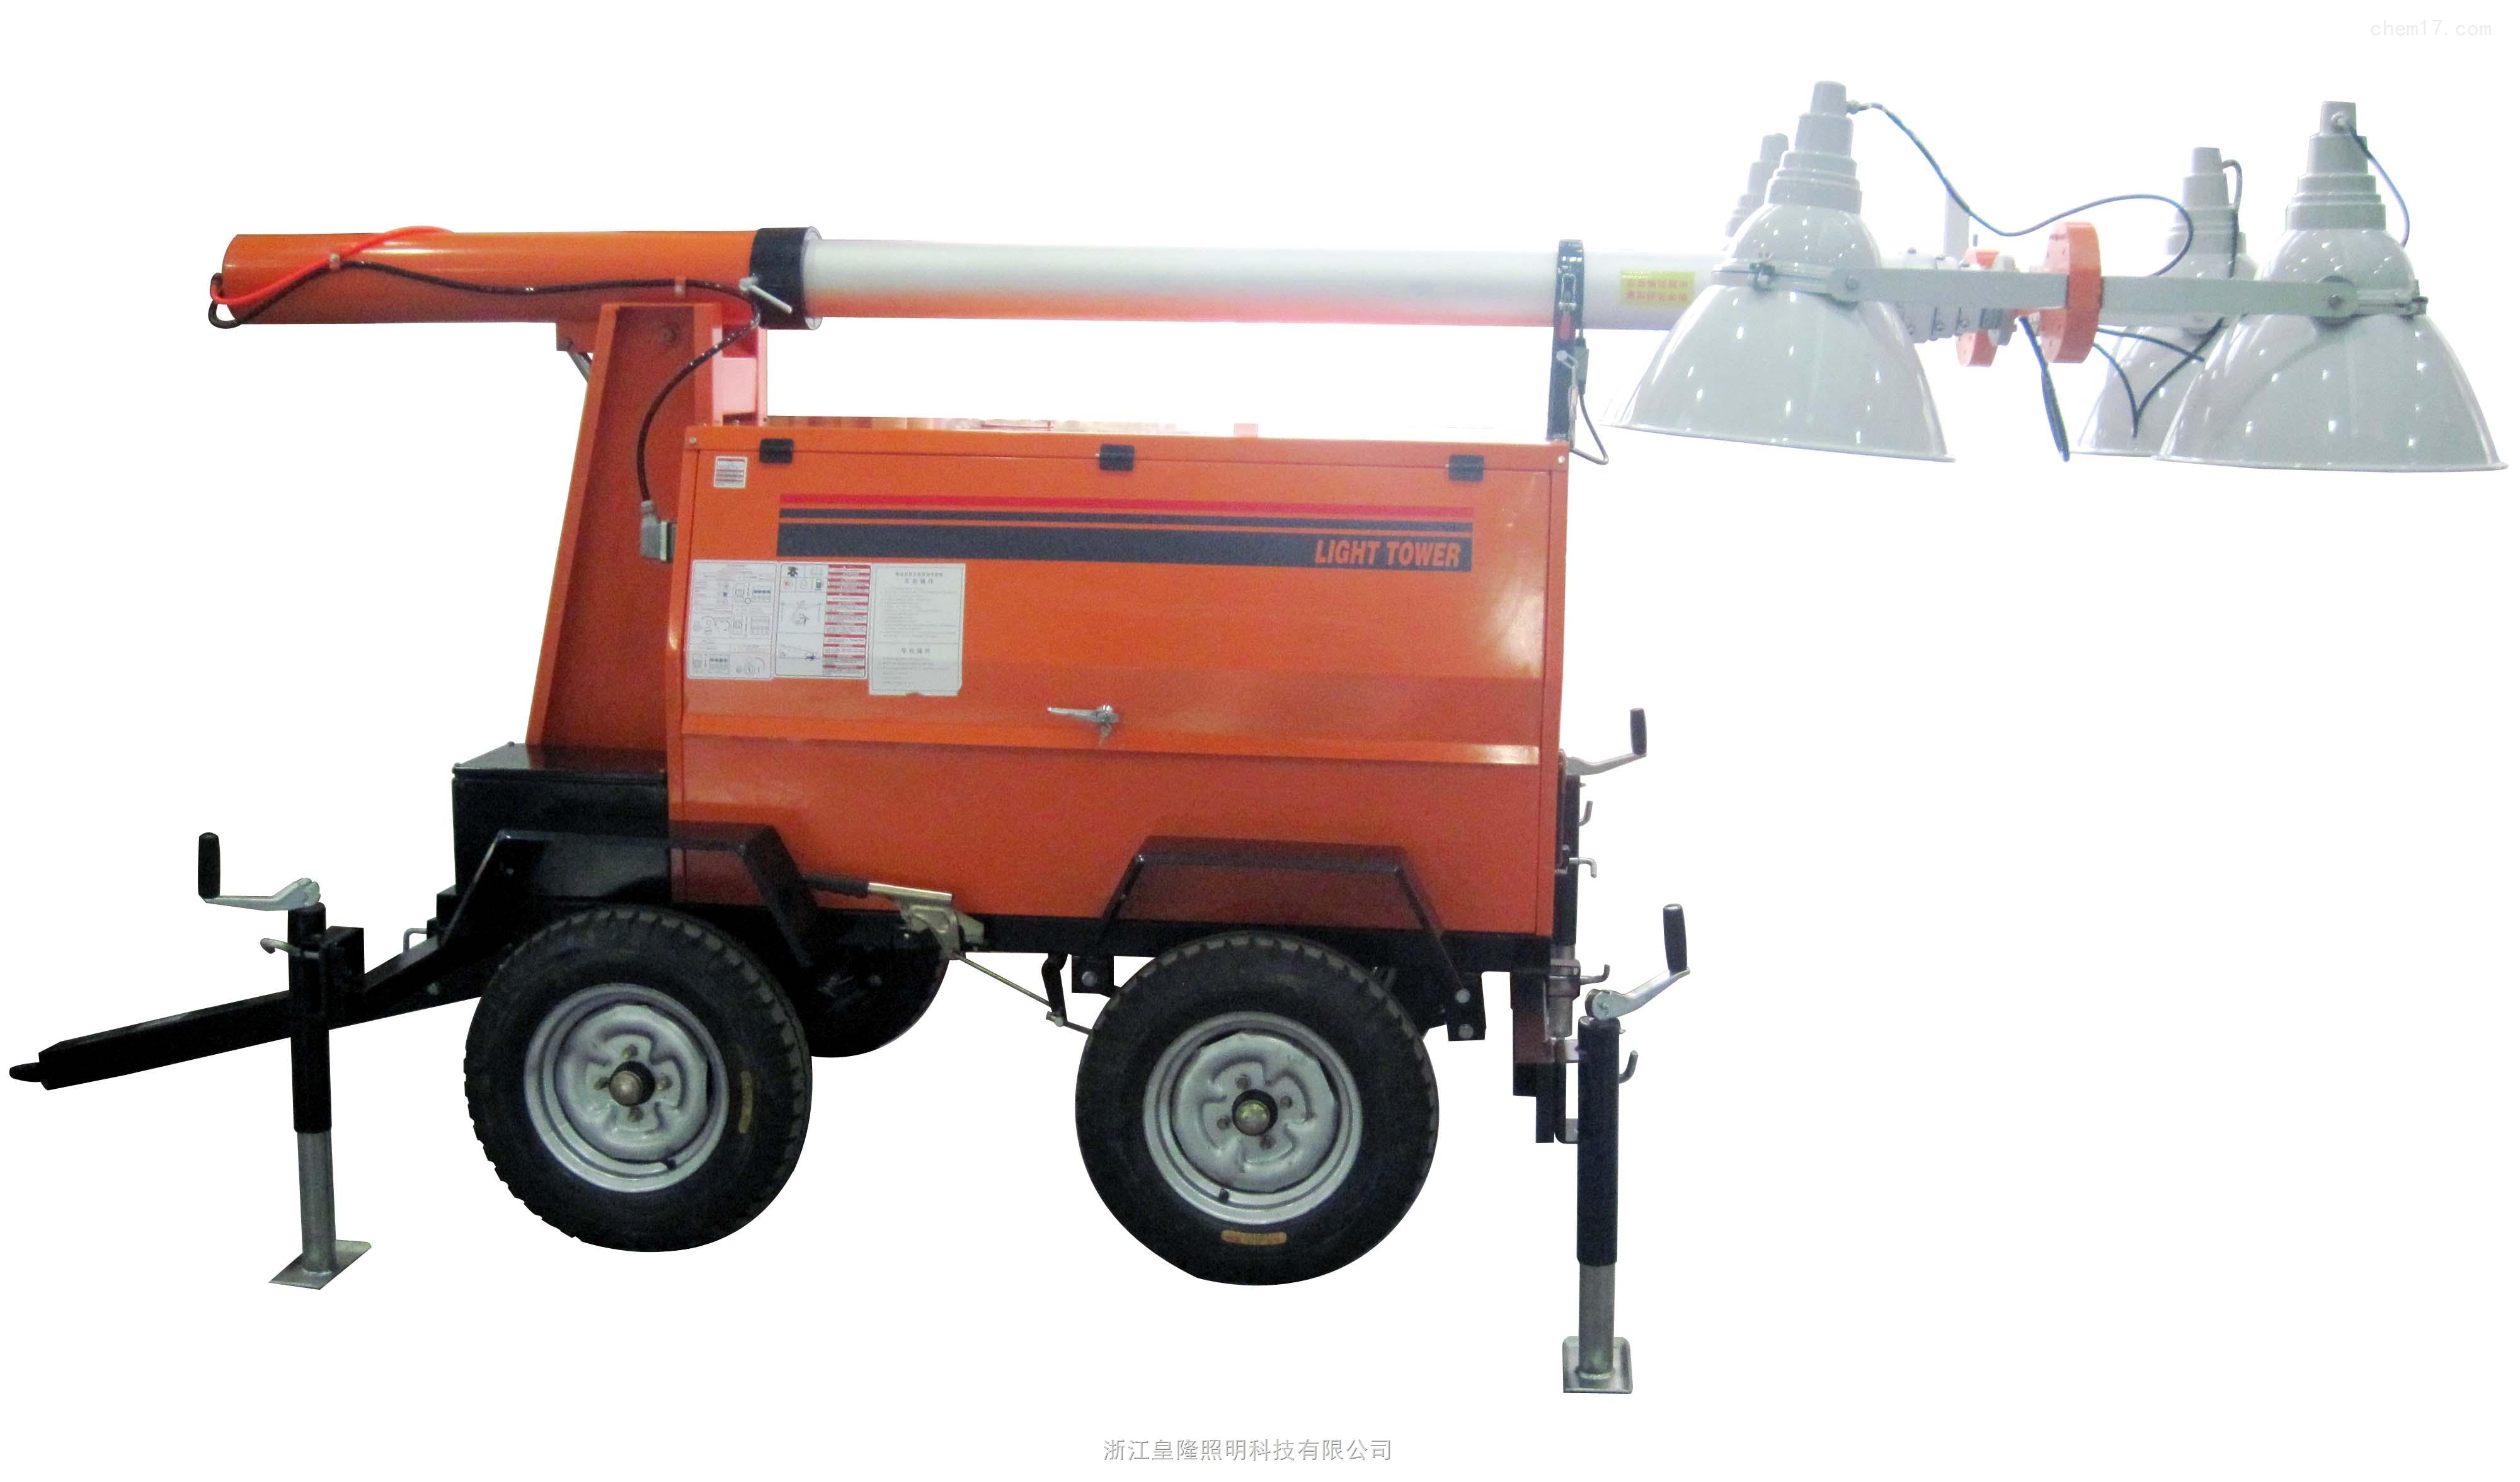 SFW6130全方位移动照明灯塔